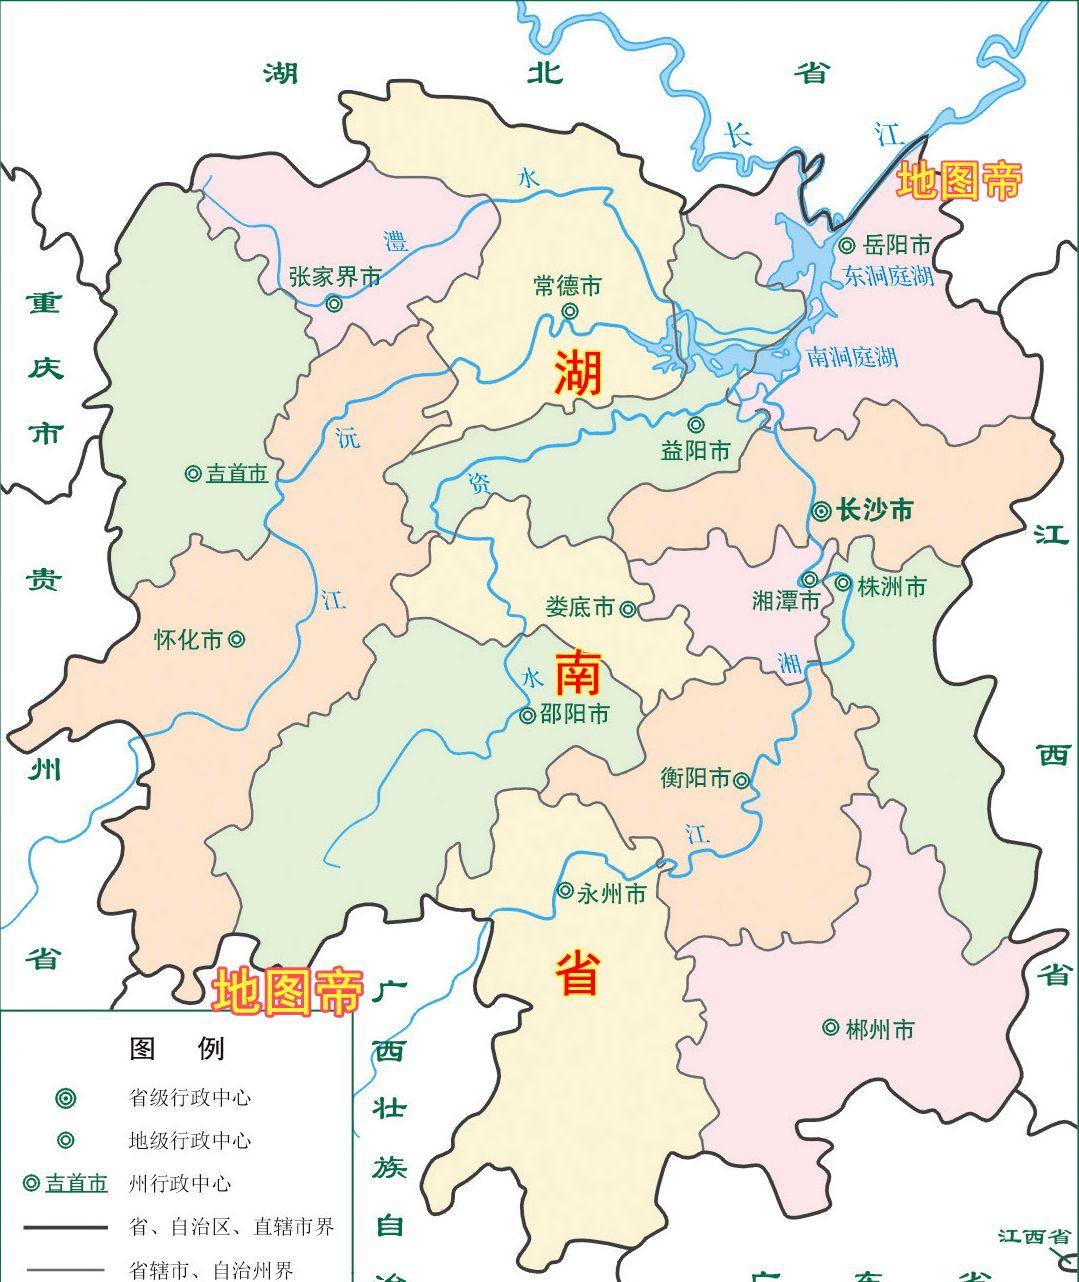 湖南邵阳市有哪几个市辖区,你知道吗?